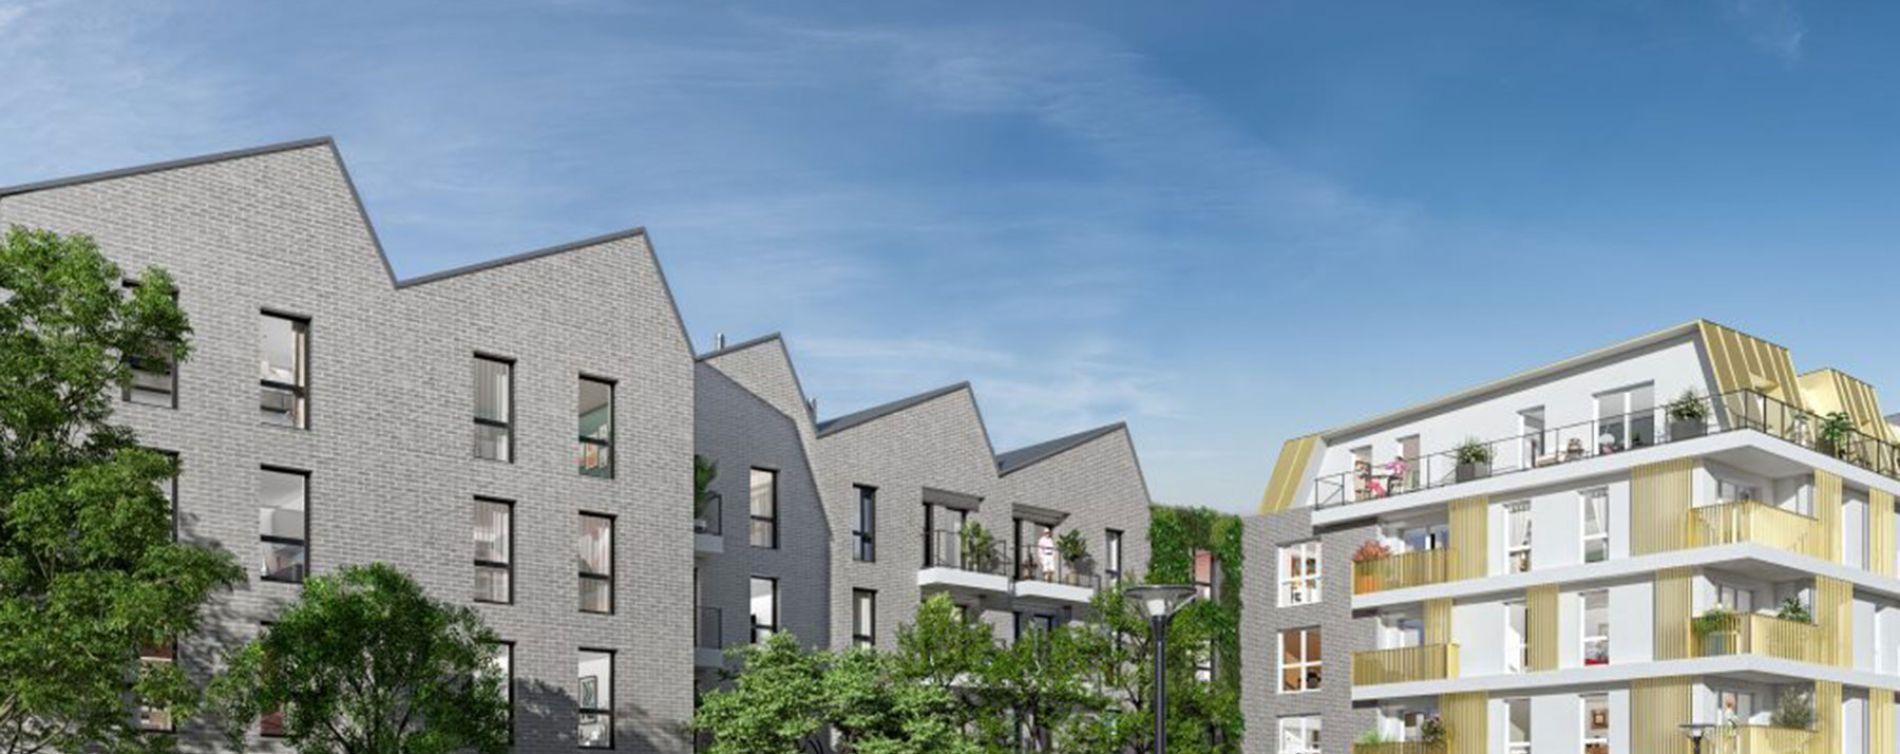 Romainville : programme immobilier neuve « Villa Saint-Germain »